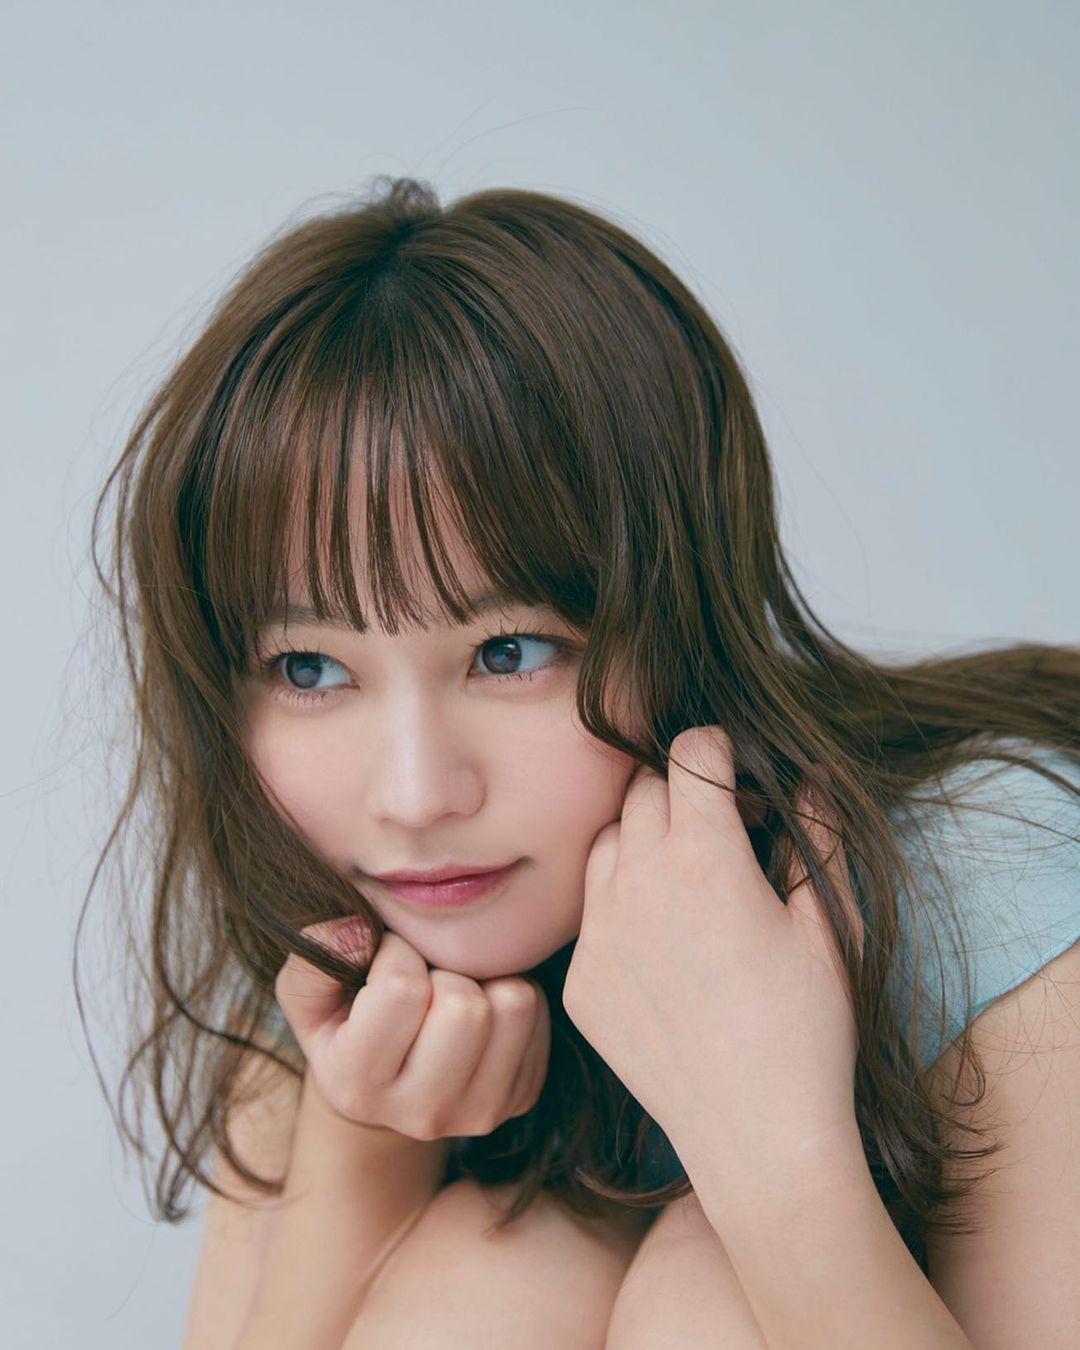 崛北真希妹妹NANAMI新生代清纯女 网络美女 第25张